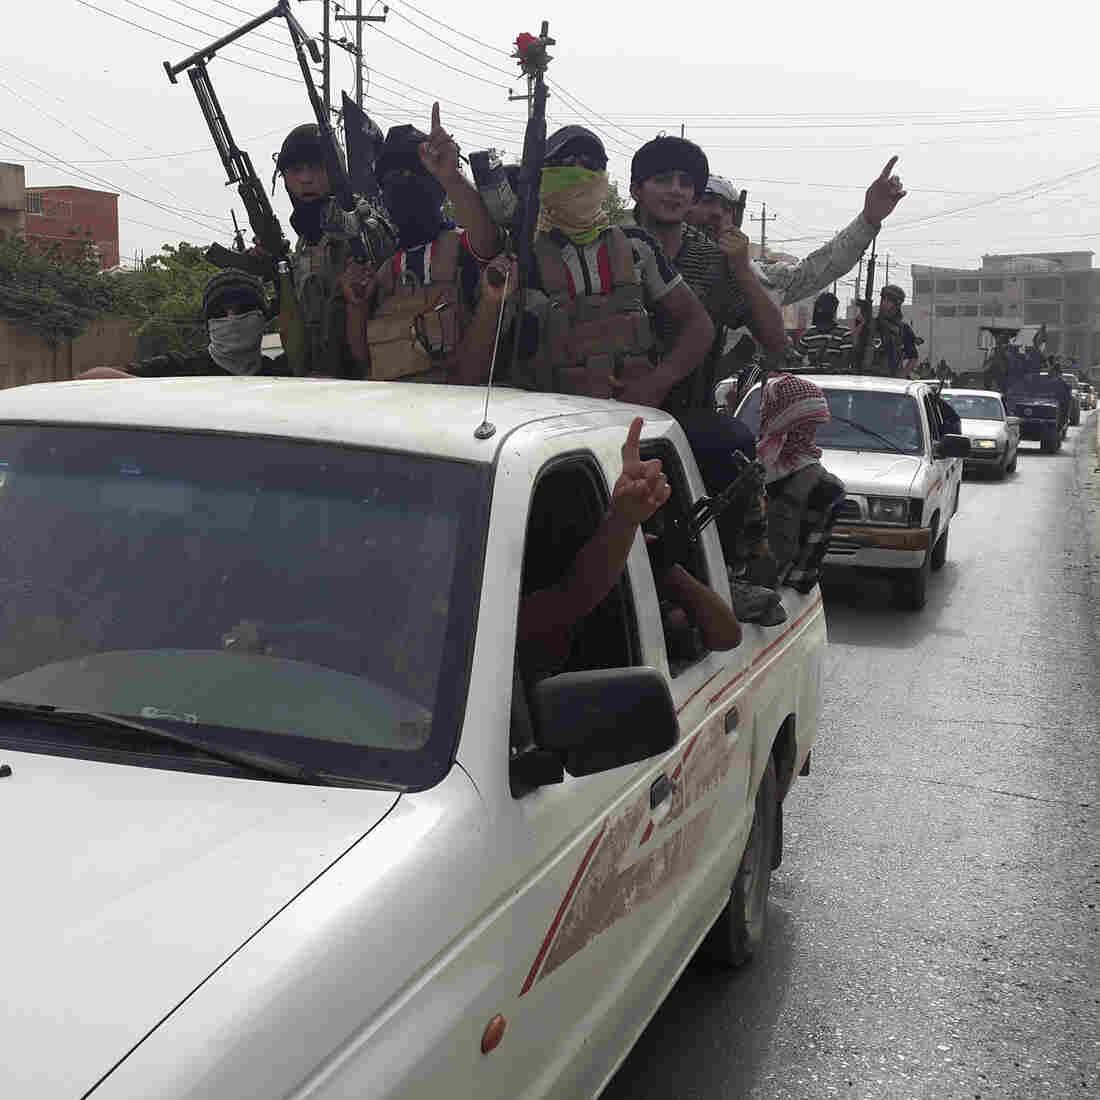 ISIS: An Islamist Group Too Extreme Even For Al-Qaida